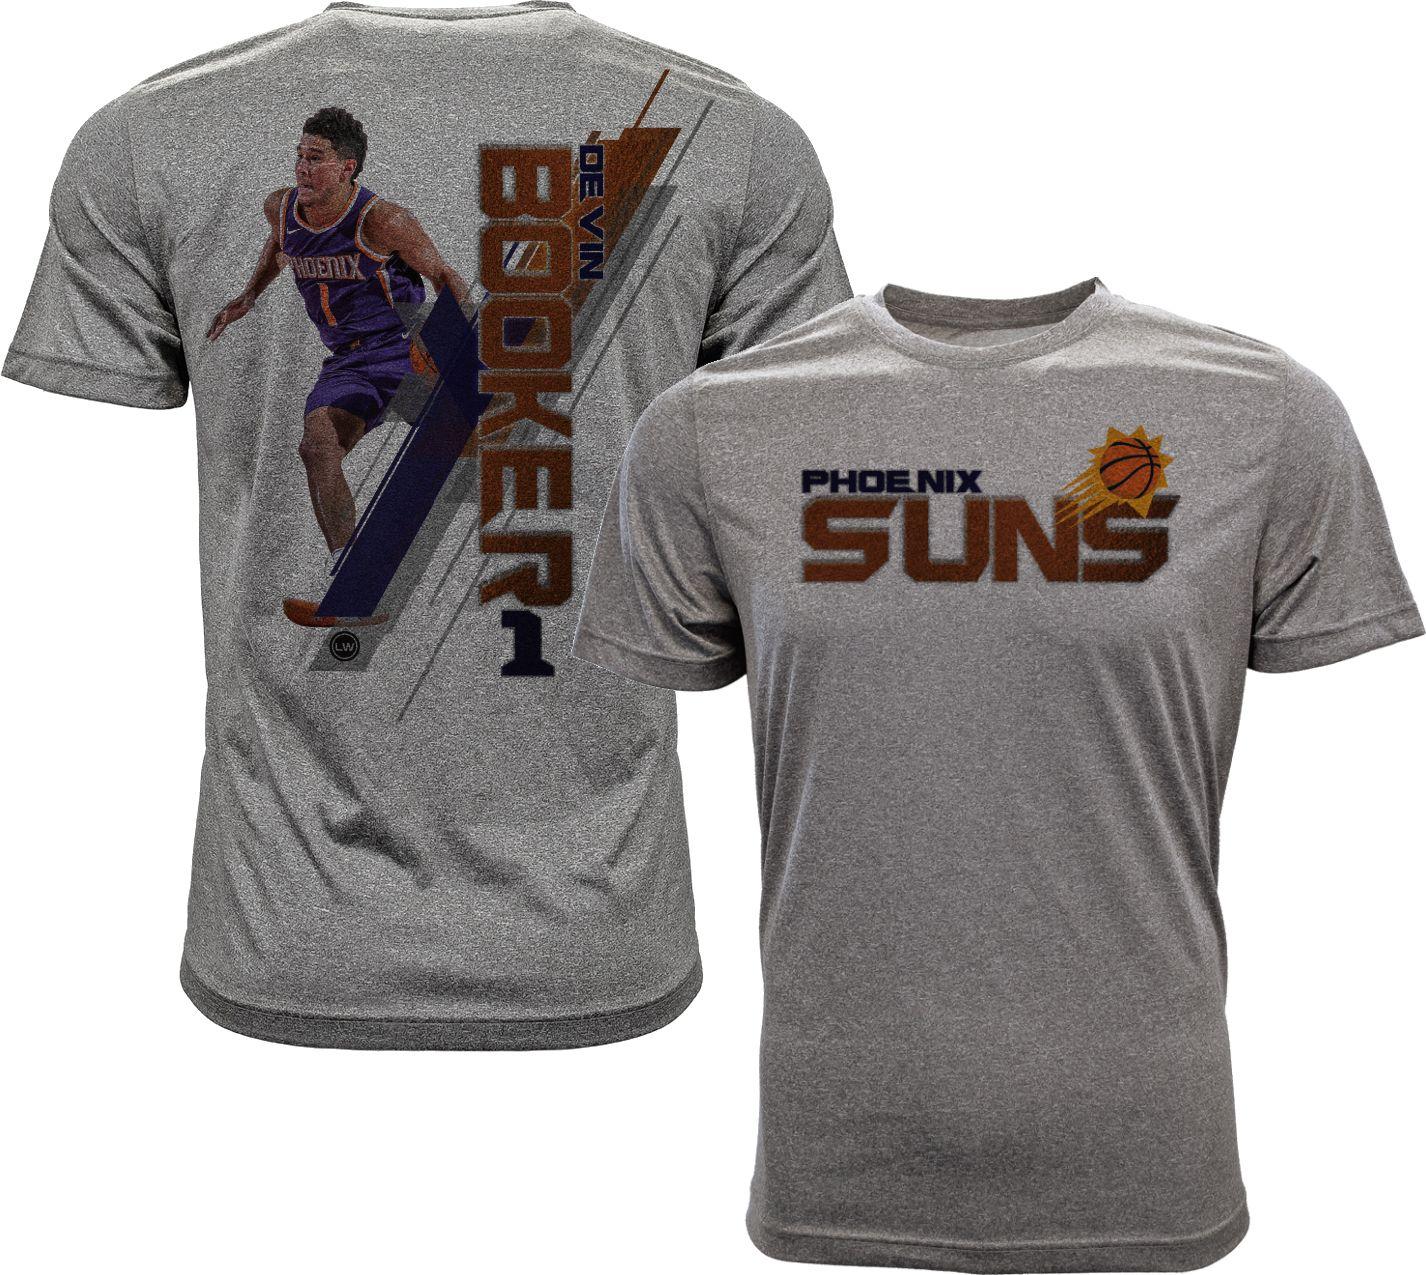 7fac2483d ... get levelwear mens phoenix suns devin booker breakaway grey t shirt  247d2 a1a9c